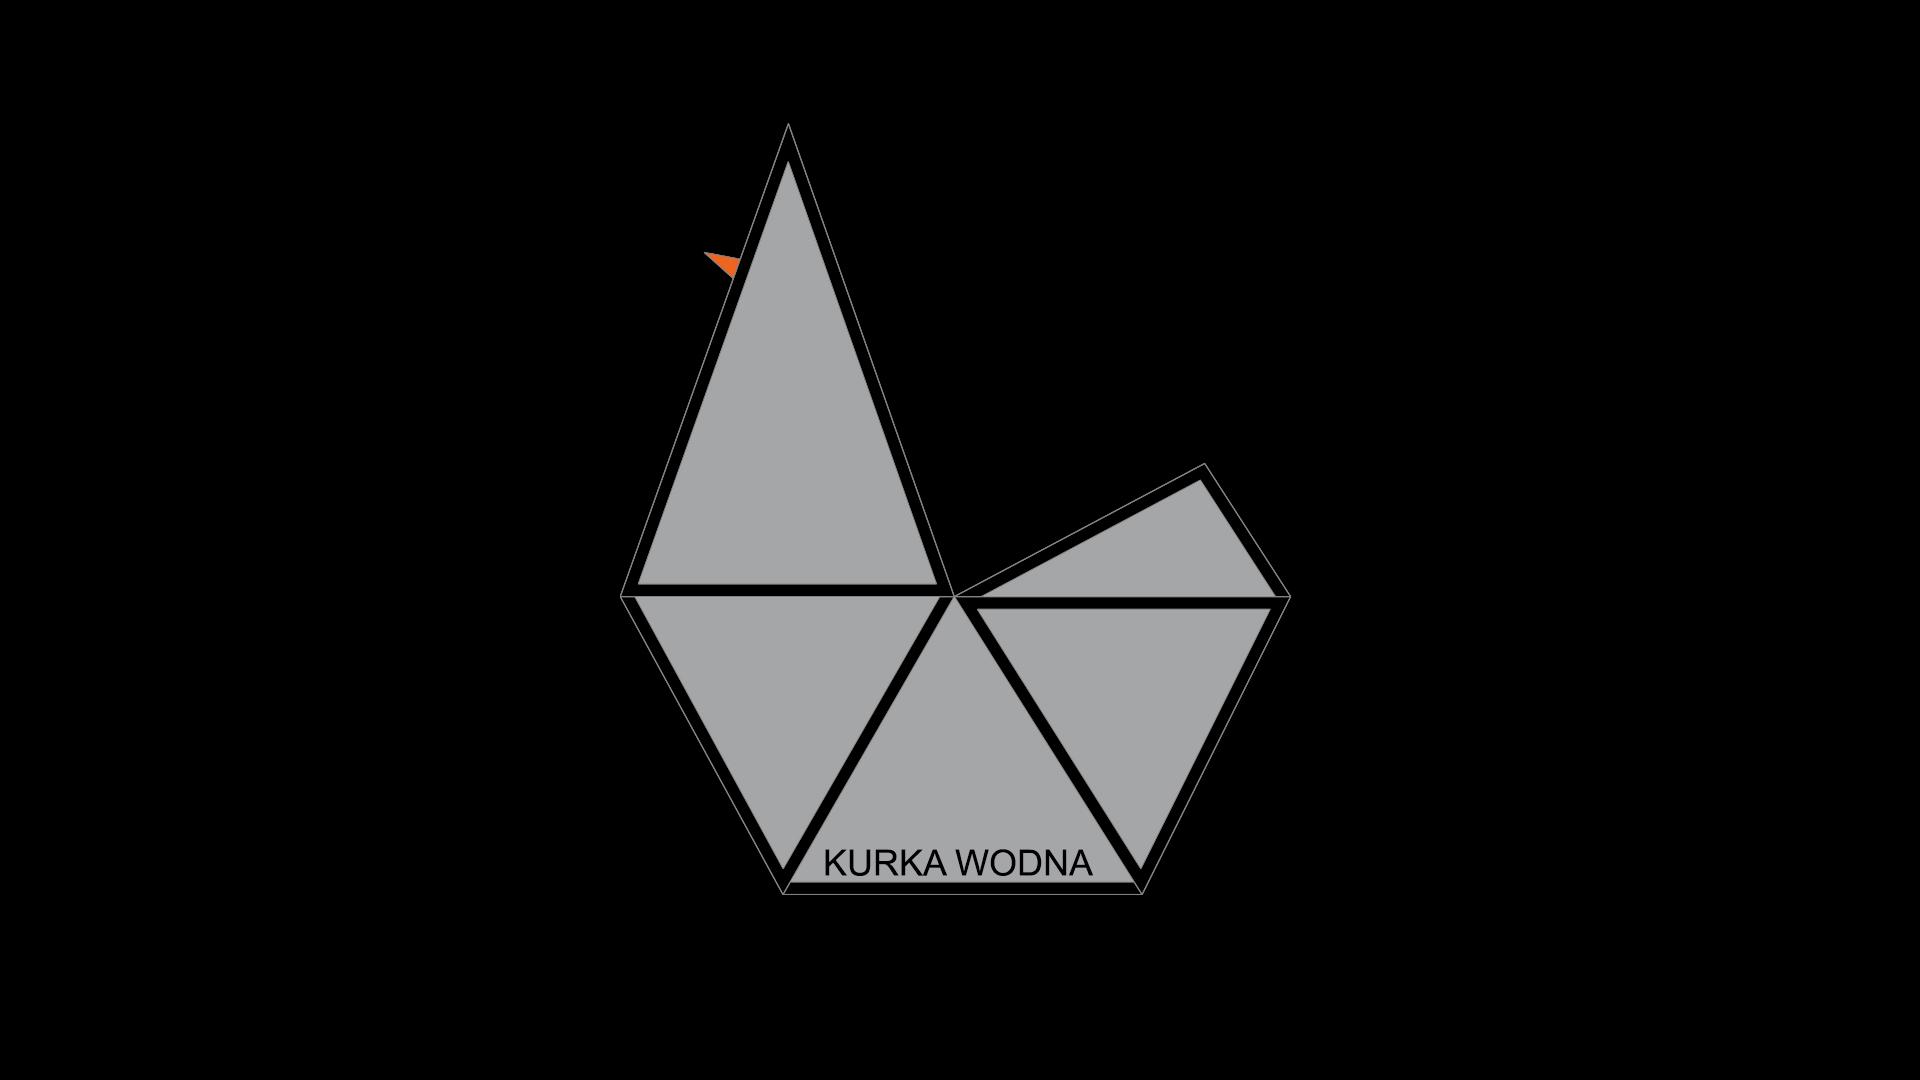 Kurka Wodna - logo